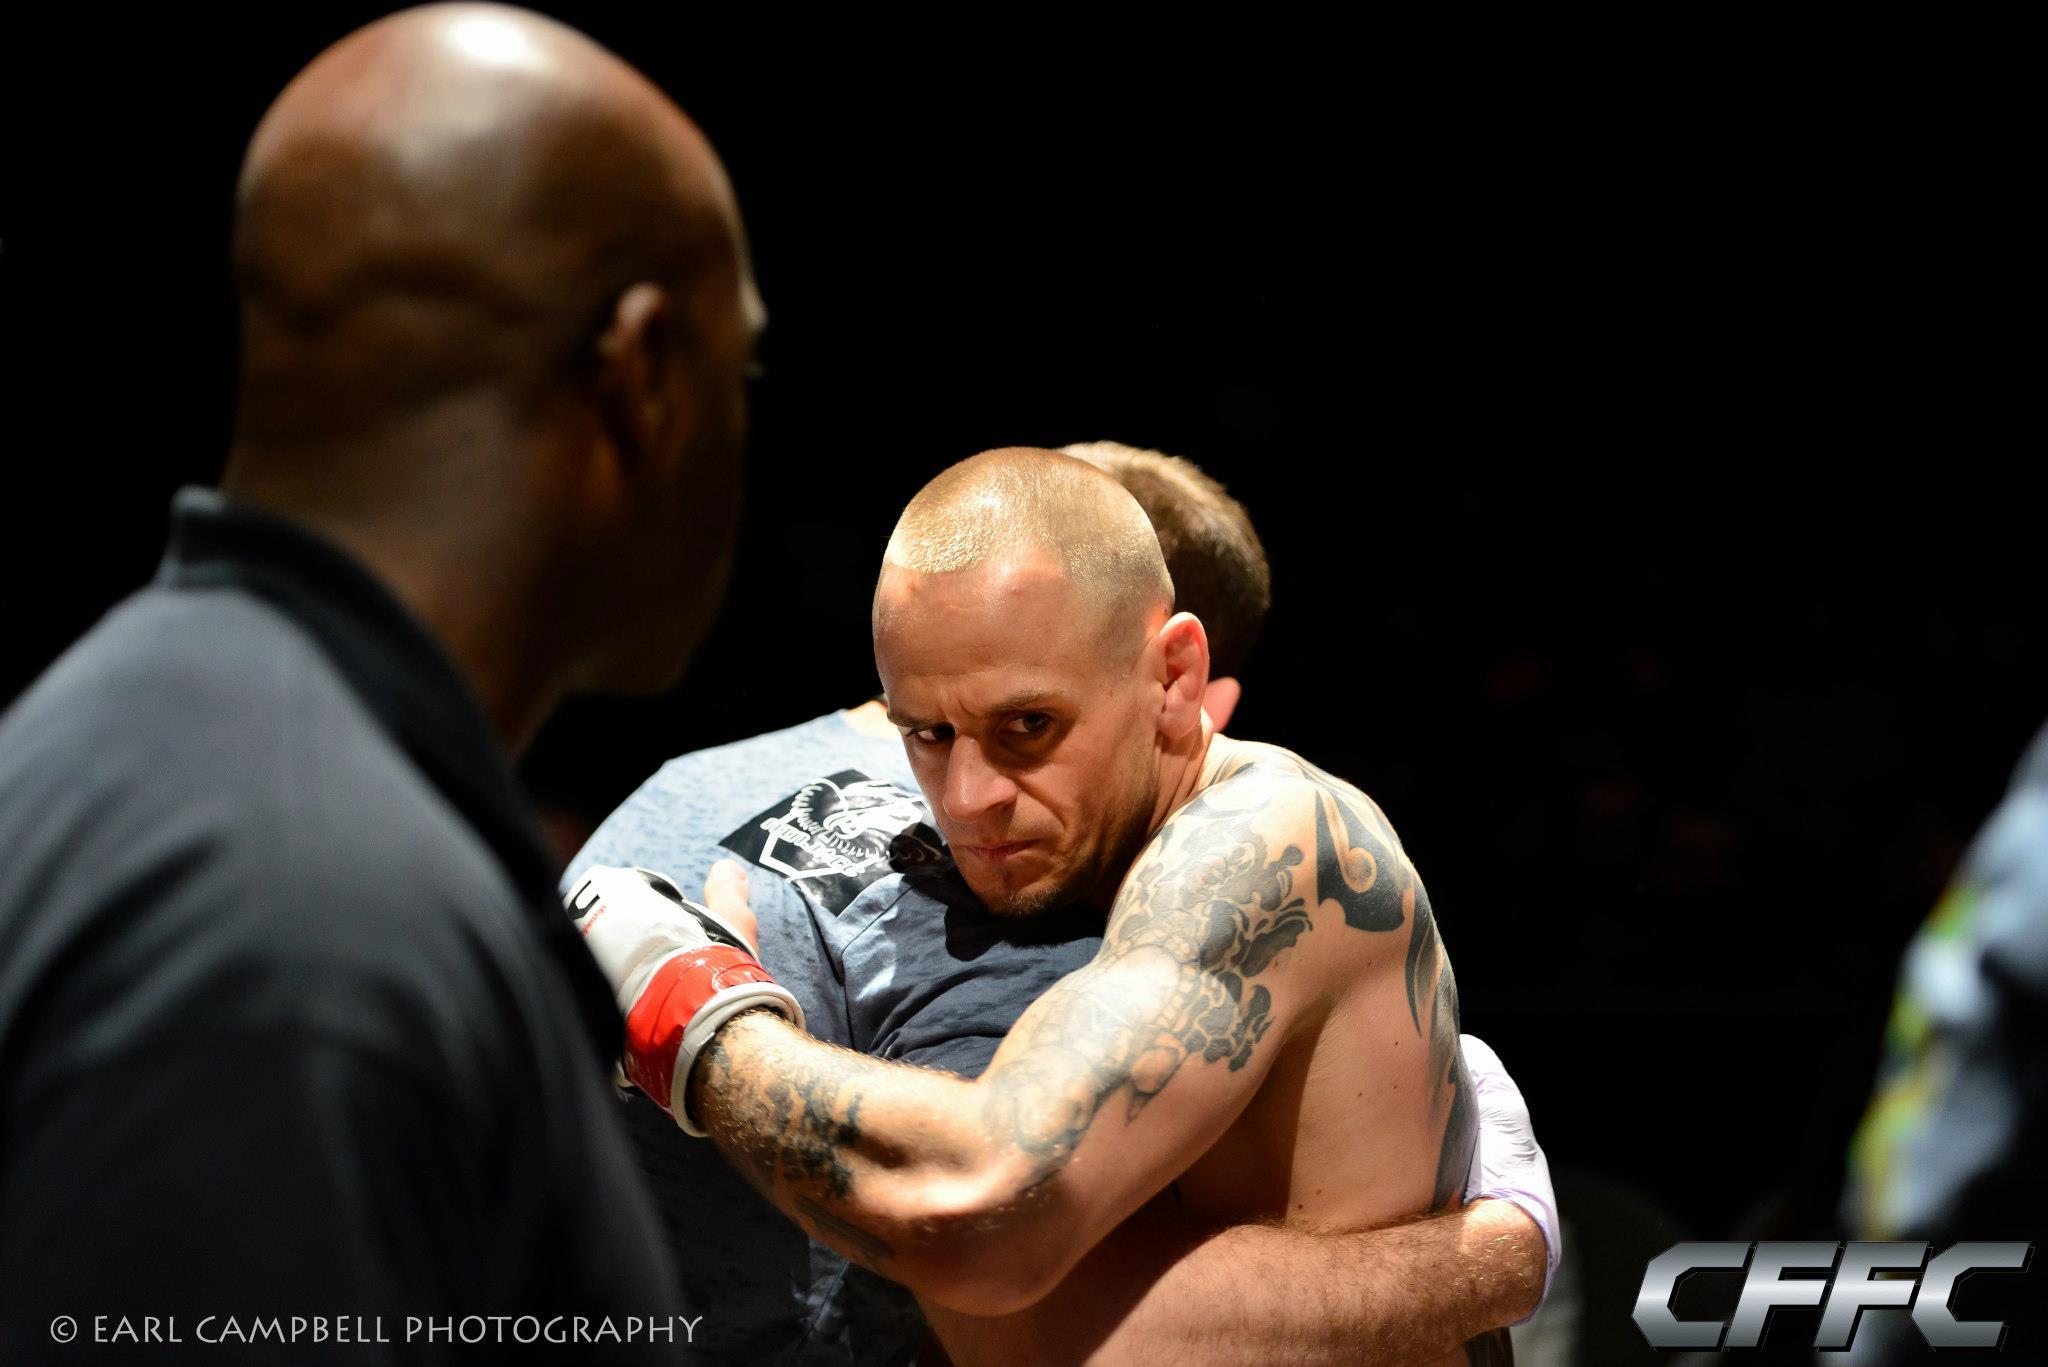 Poughkeepsie MMA